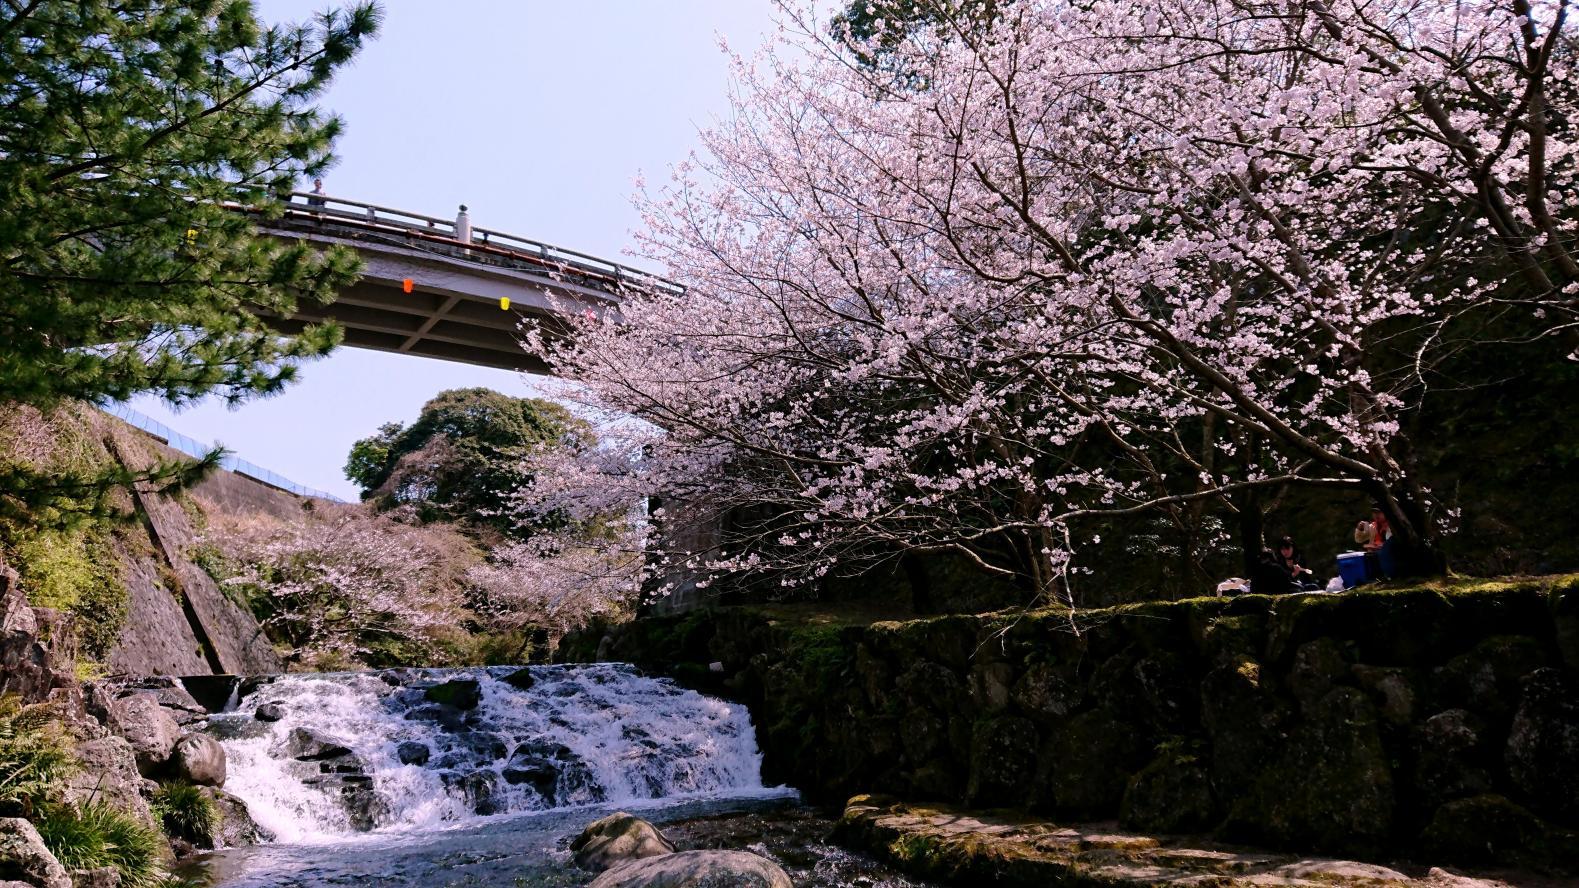 雲仙市 橘神社(橘公園)の桜-1